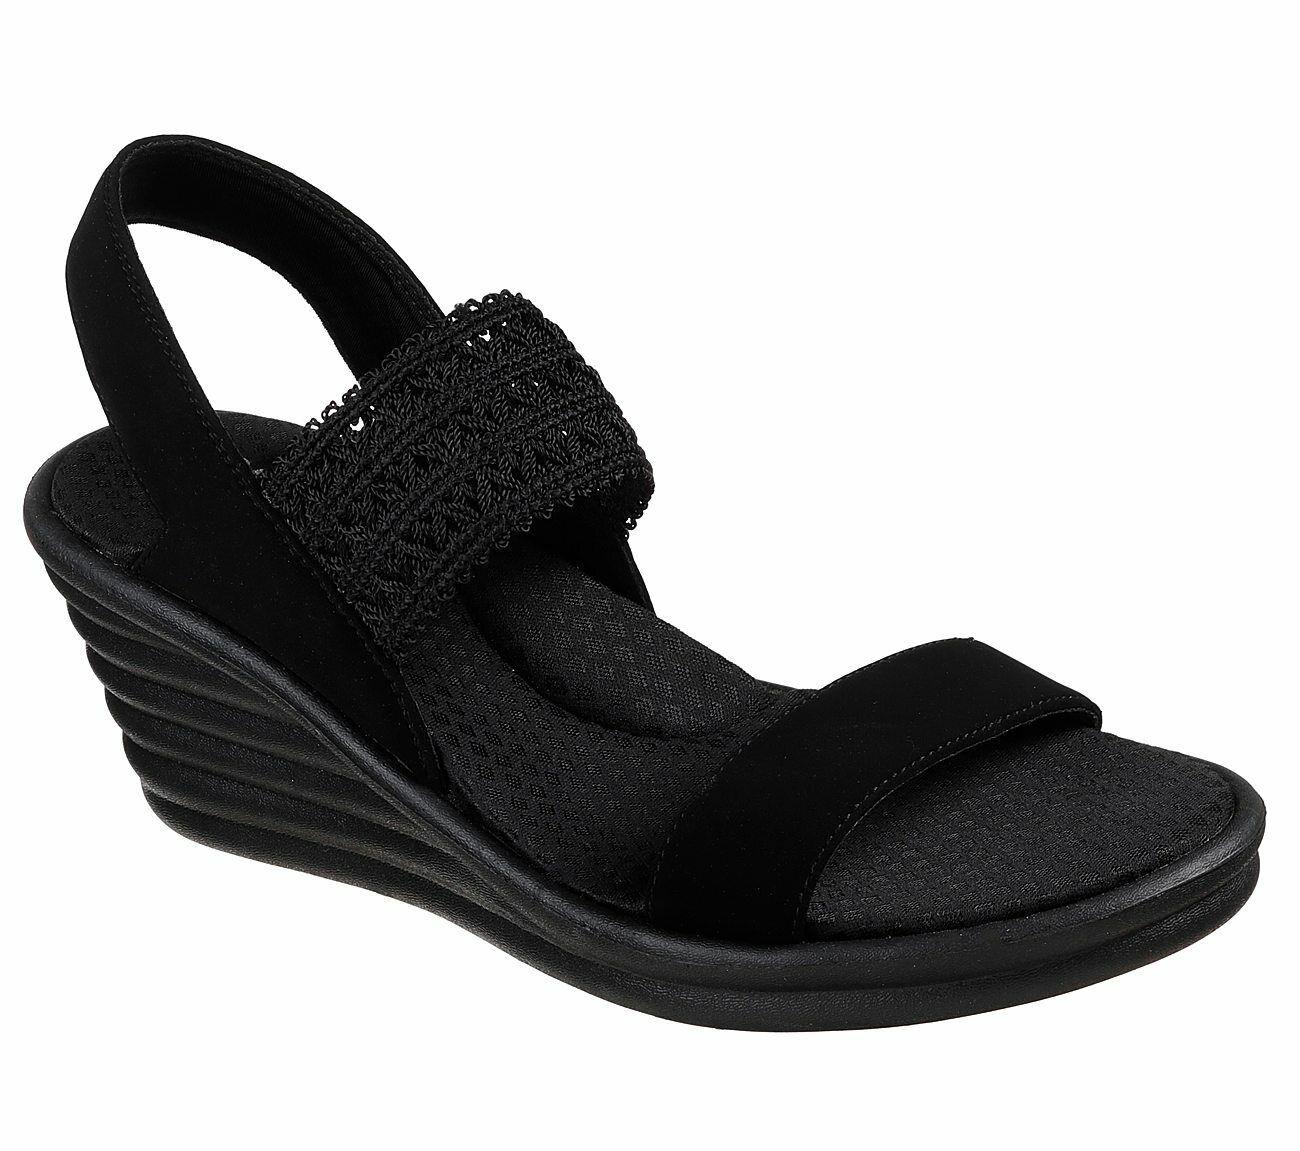 Skechers Cali Rumblers Wave Drama Diva des sandales compensées pour femmes mousse à mémoire de forme 31596